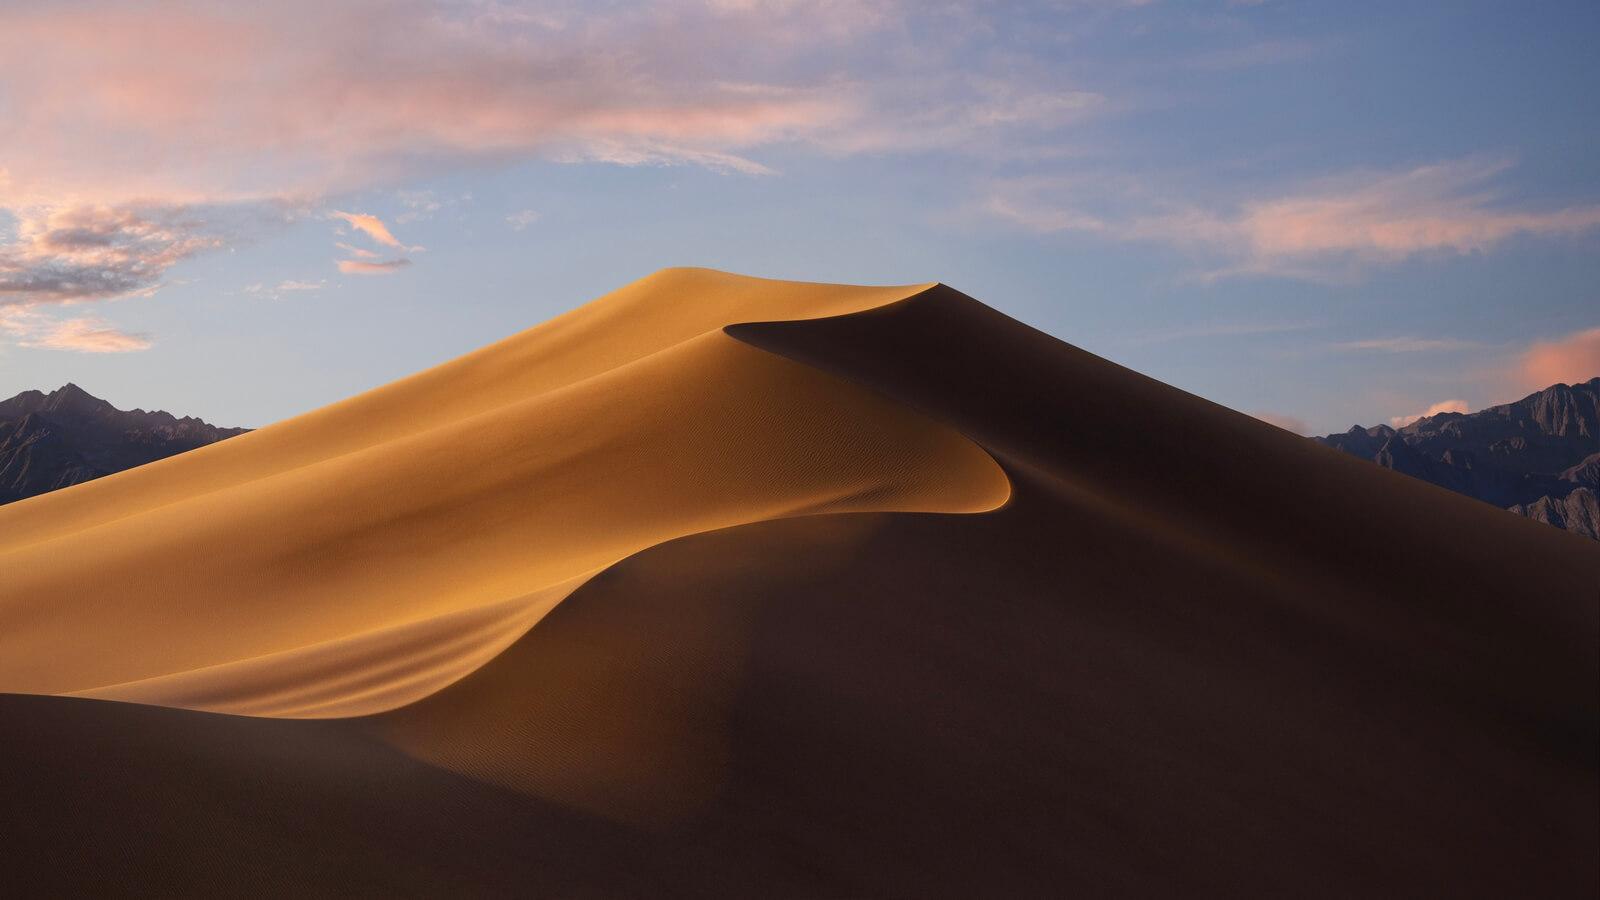 Apple выпустила третью бета-версию macOS 10.14.1 Mojave